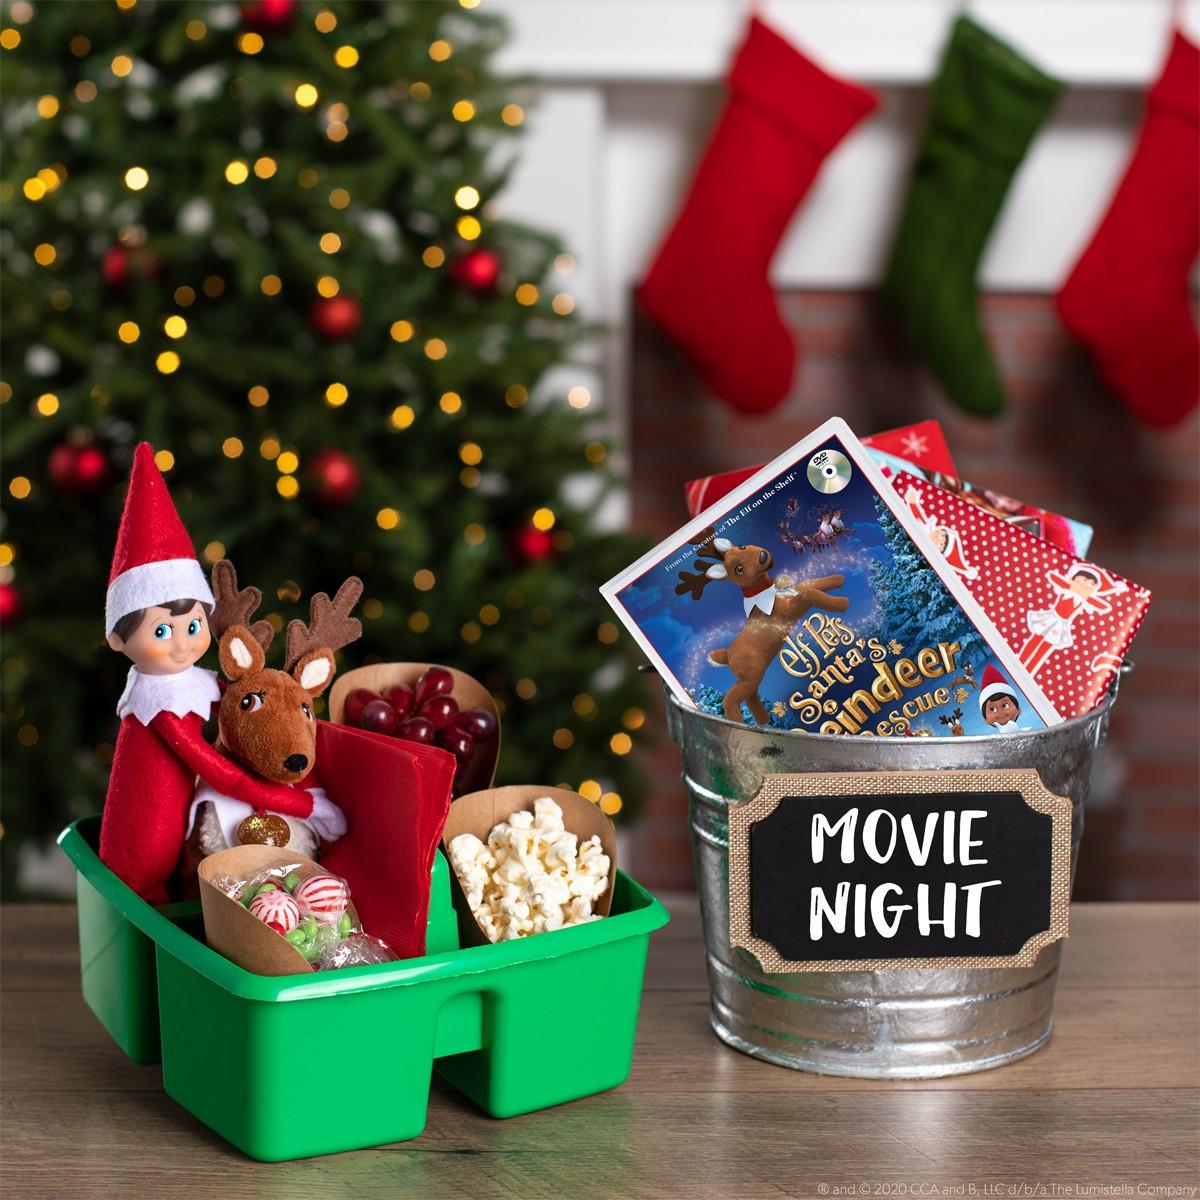 Christmas Movie Night image